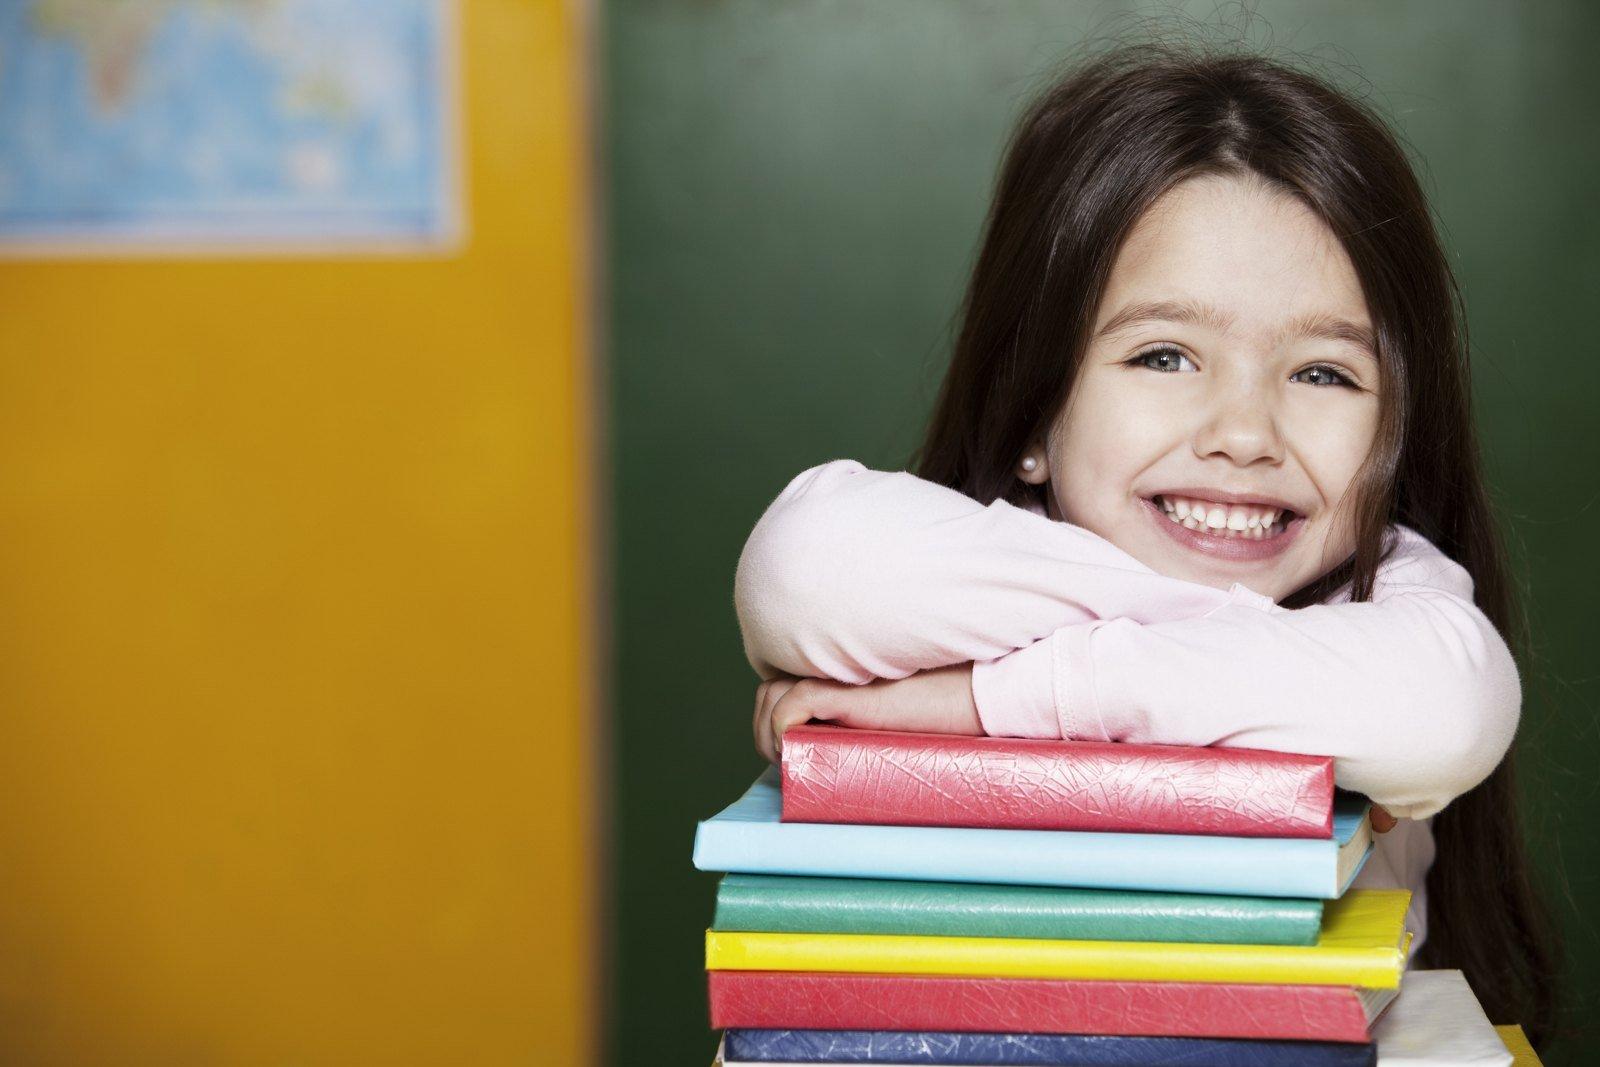 Come foderare i libri di scuola: ecco vari metodi